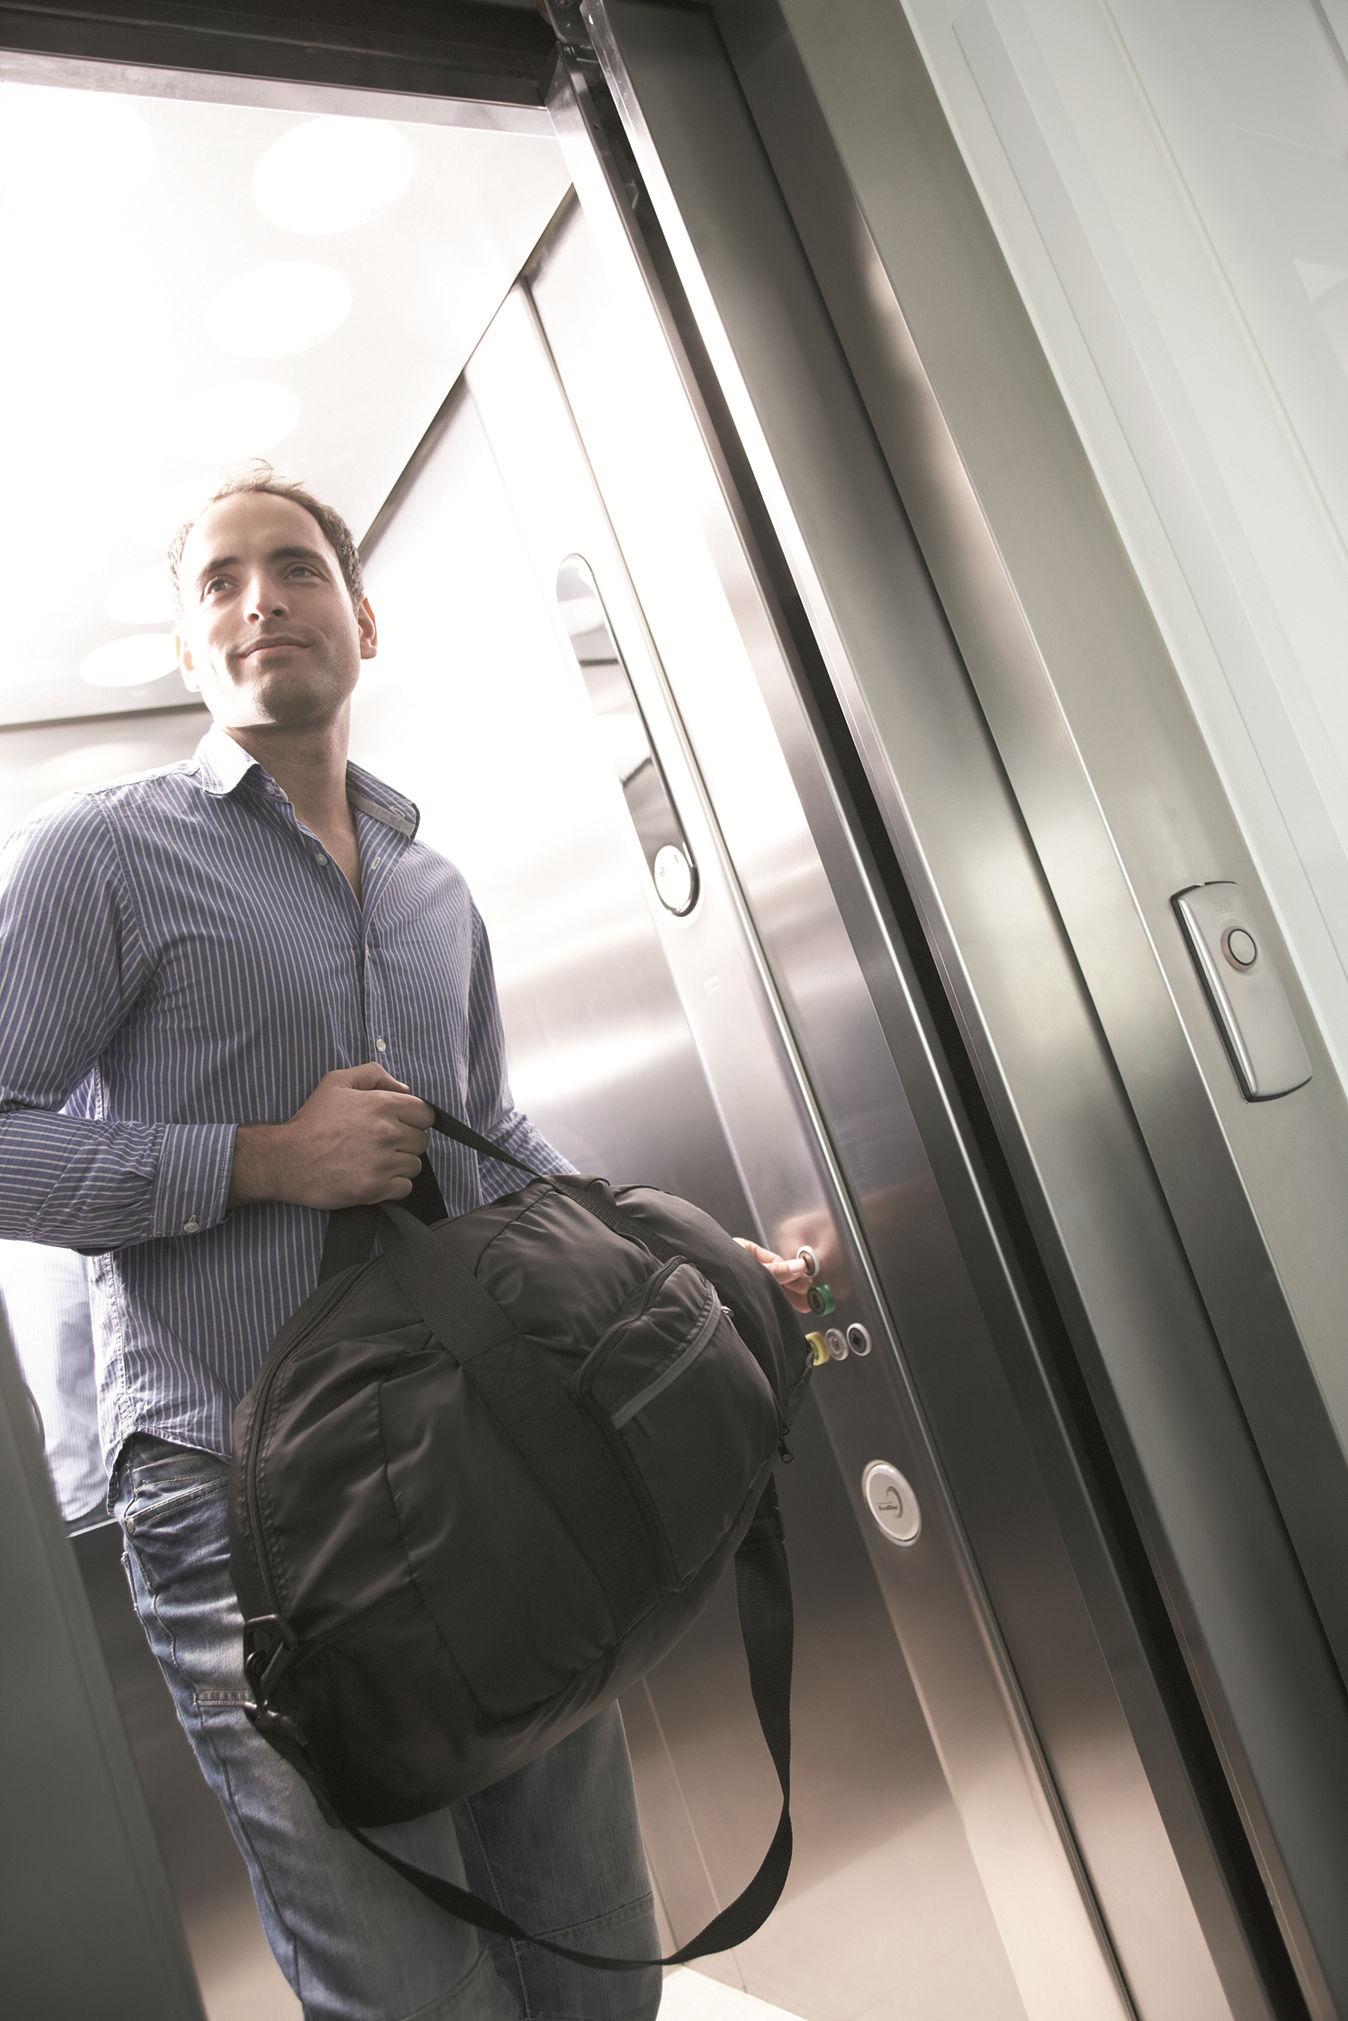 Travel Bag (light) Assorted - 1unit - Go Travel